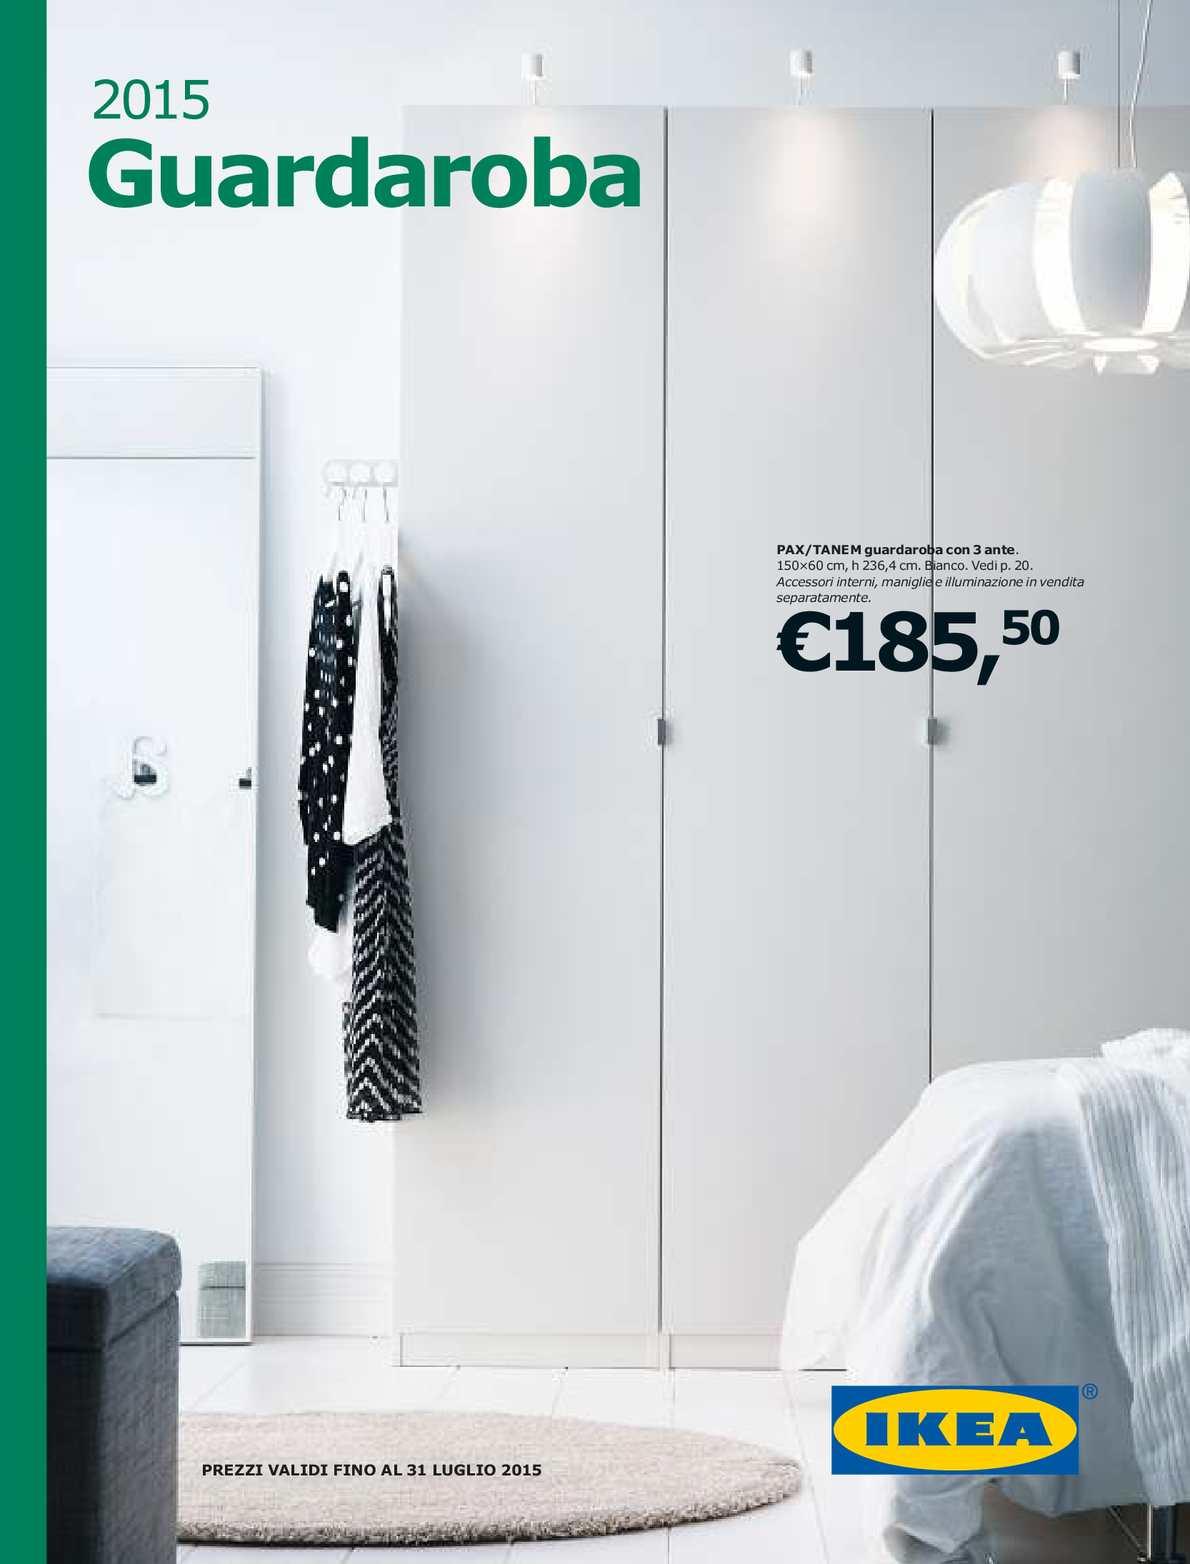 Pax Ballstad Guardaroba Angolare.Calameo Catalogo Ikea Guardaroba 14 15